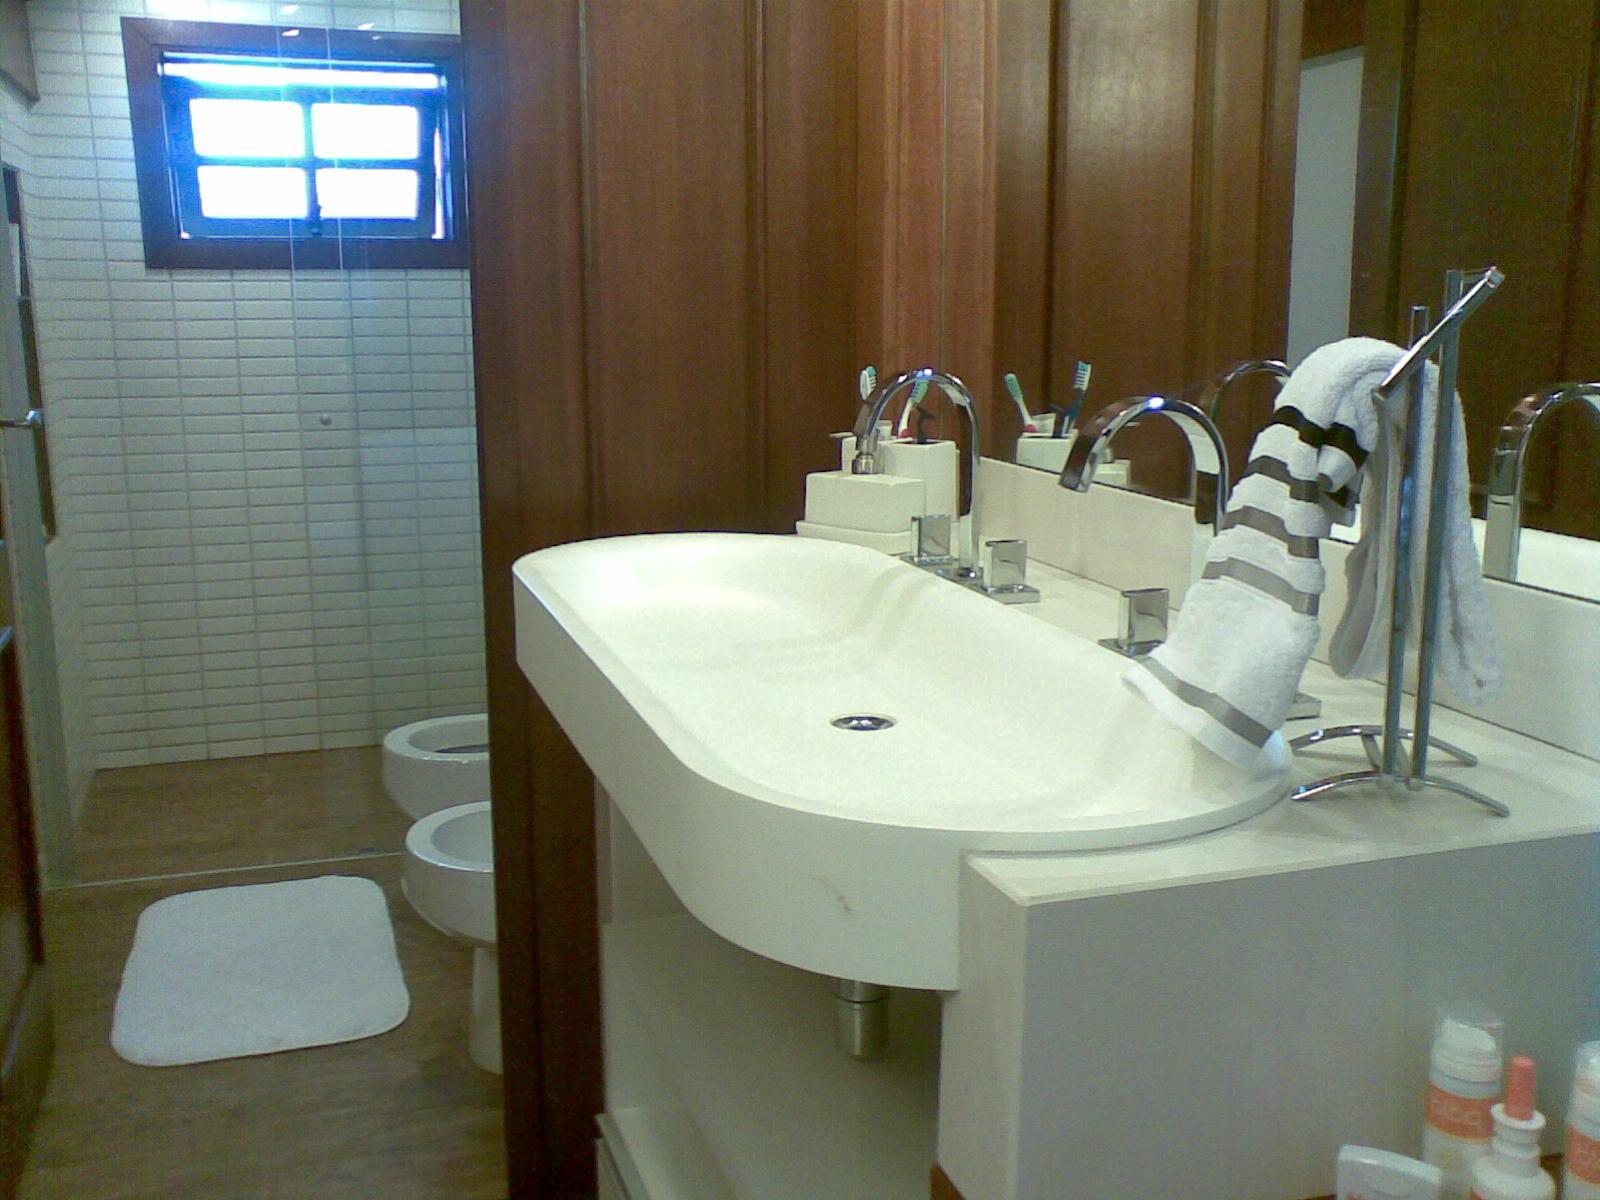 para Banheiro Modelos Coloridas e de Diferentes Modelos Ideias Mix #2560A6 1600 1200